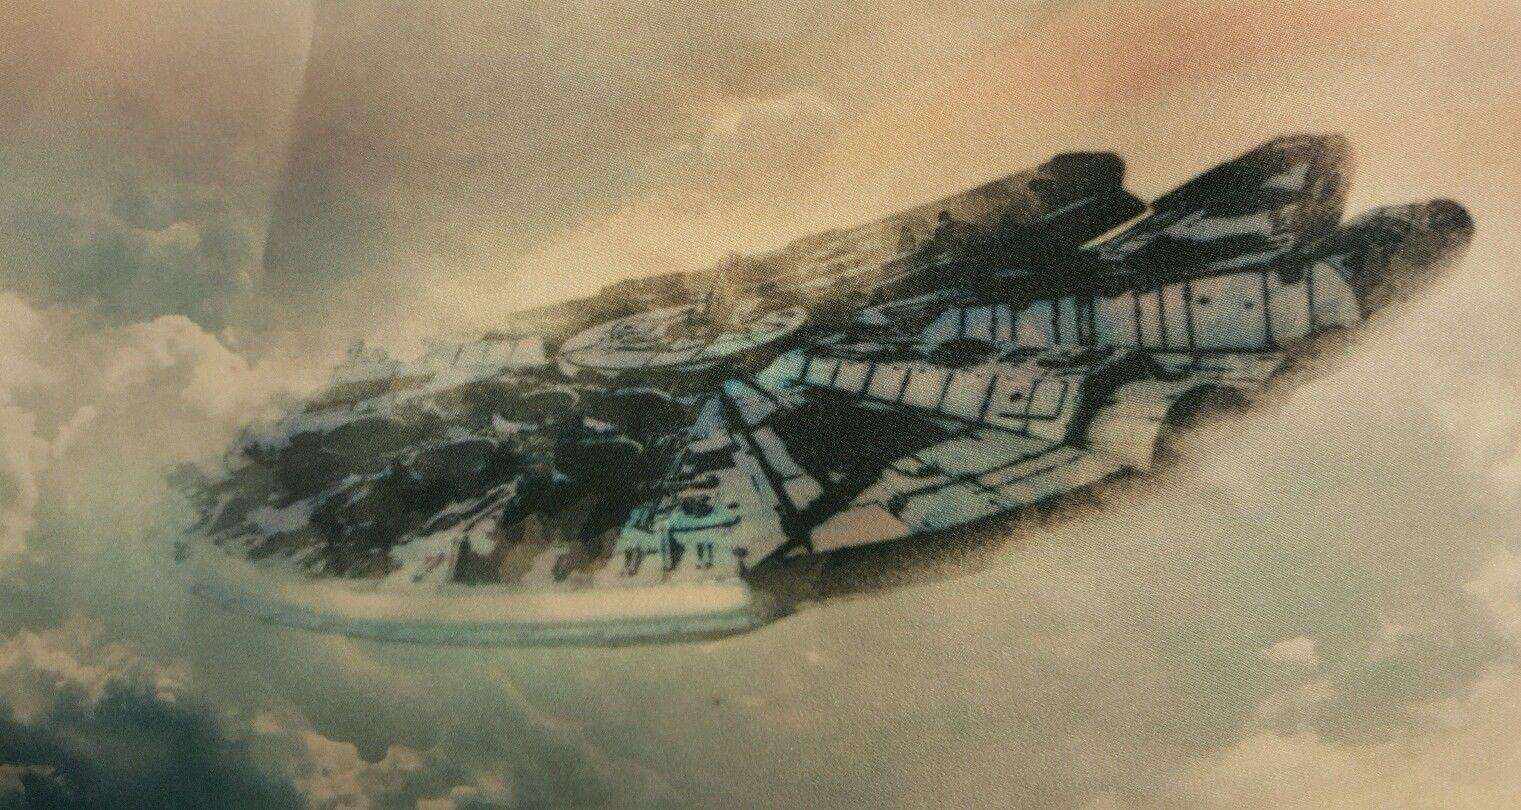 cockpit cloud city - photo #20